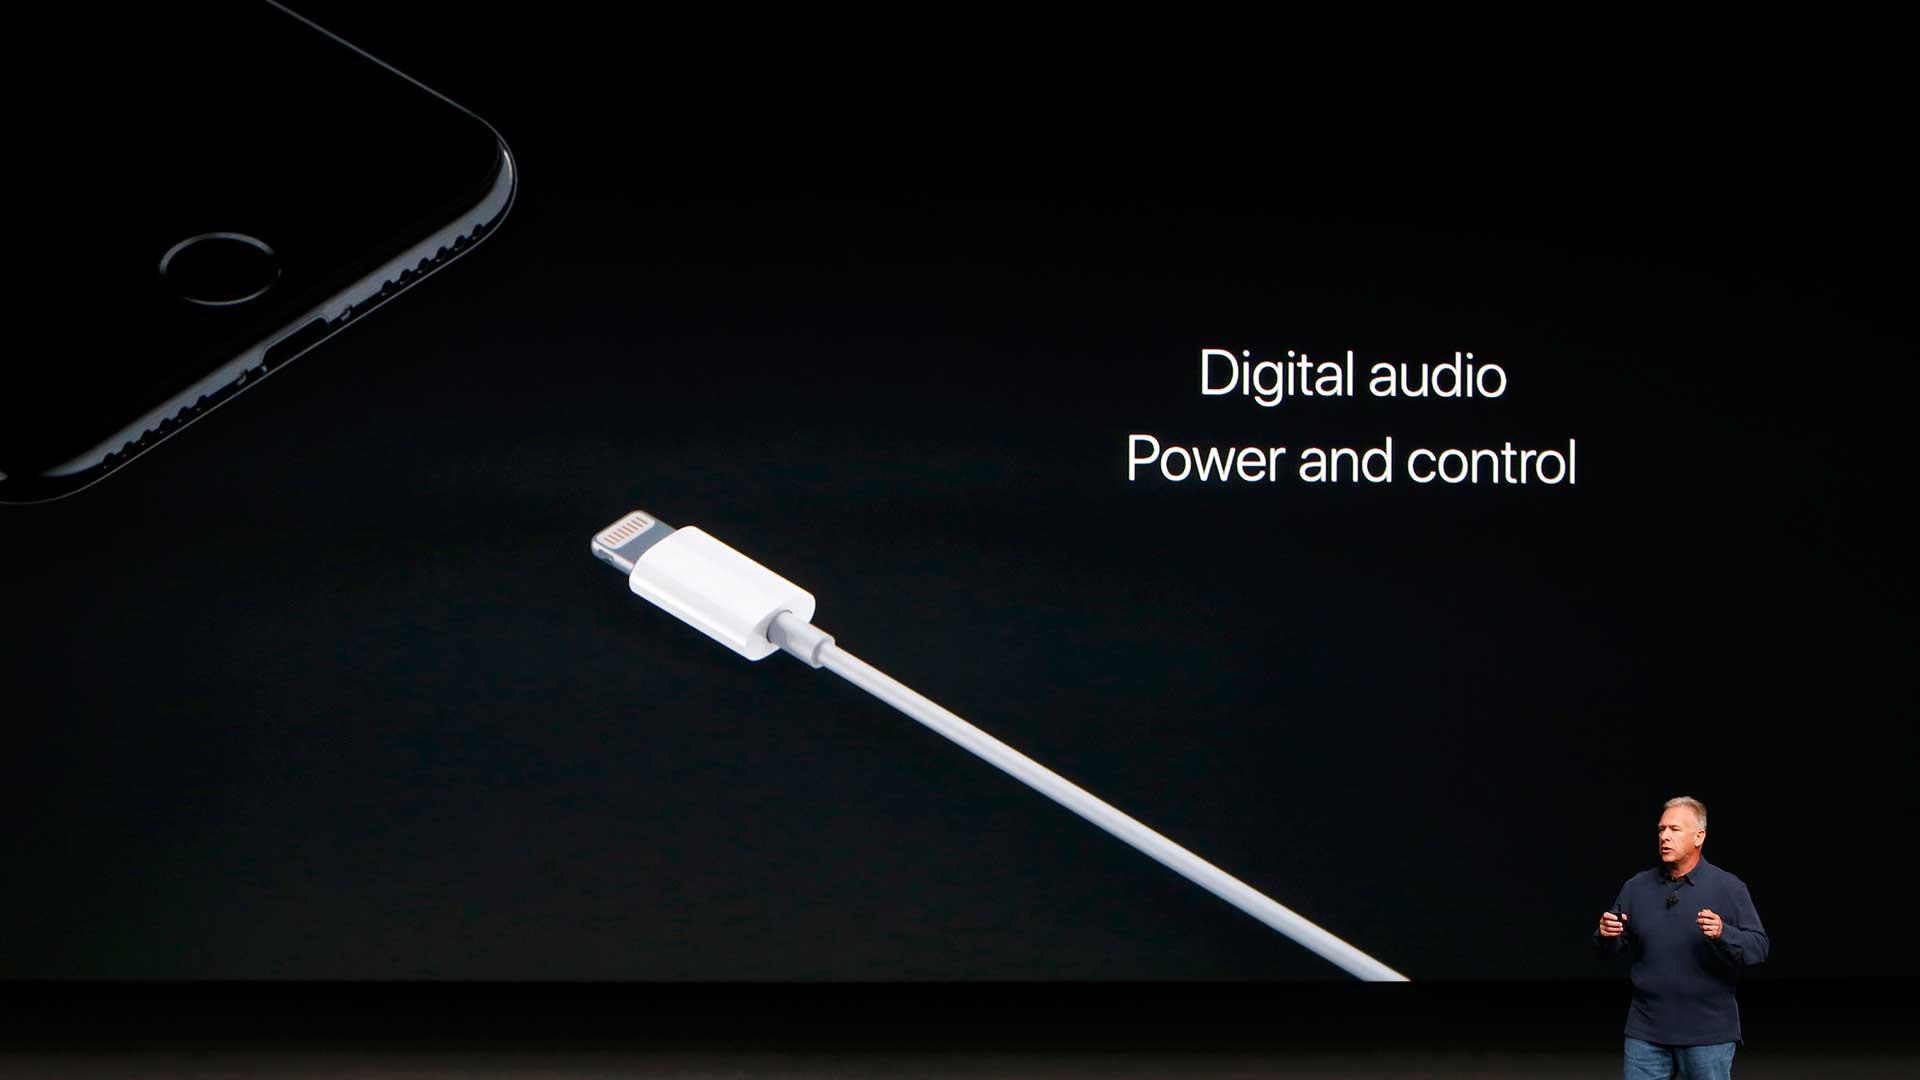 El nuevo teléfono conservará el puerto Lightning que sirve para la carga y control del audio (Reuters).